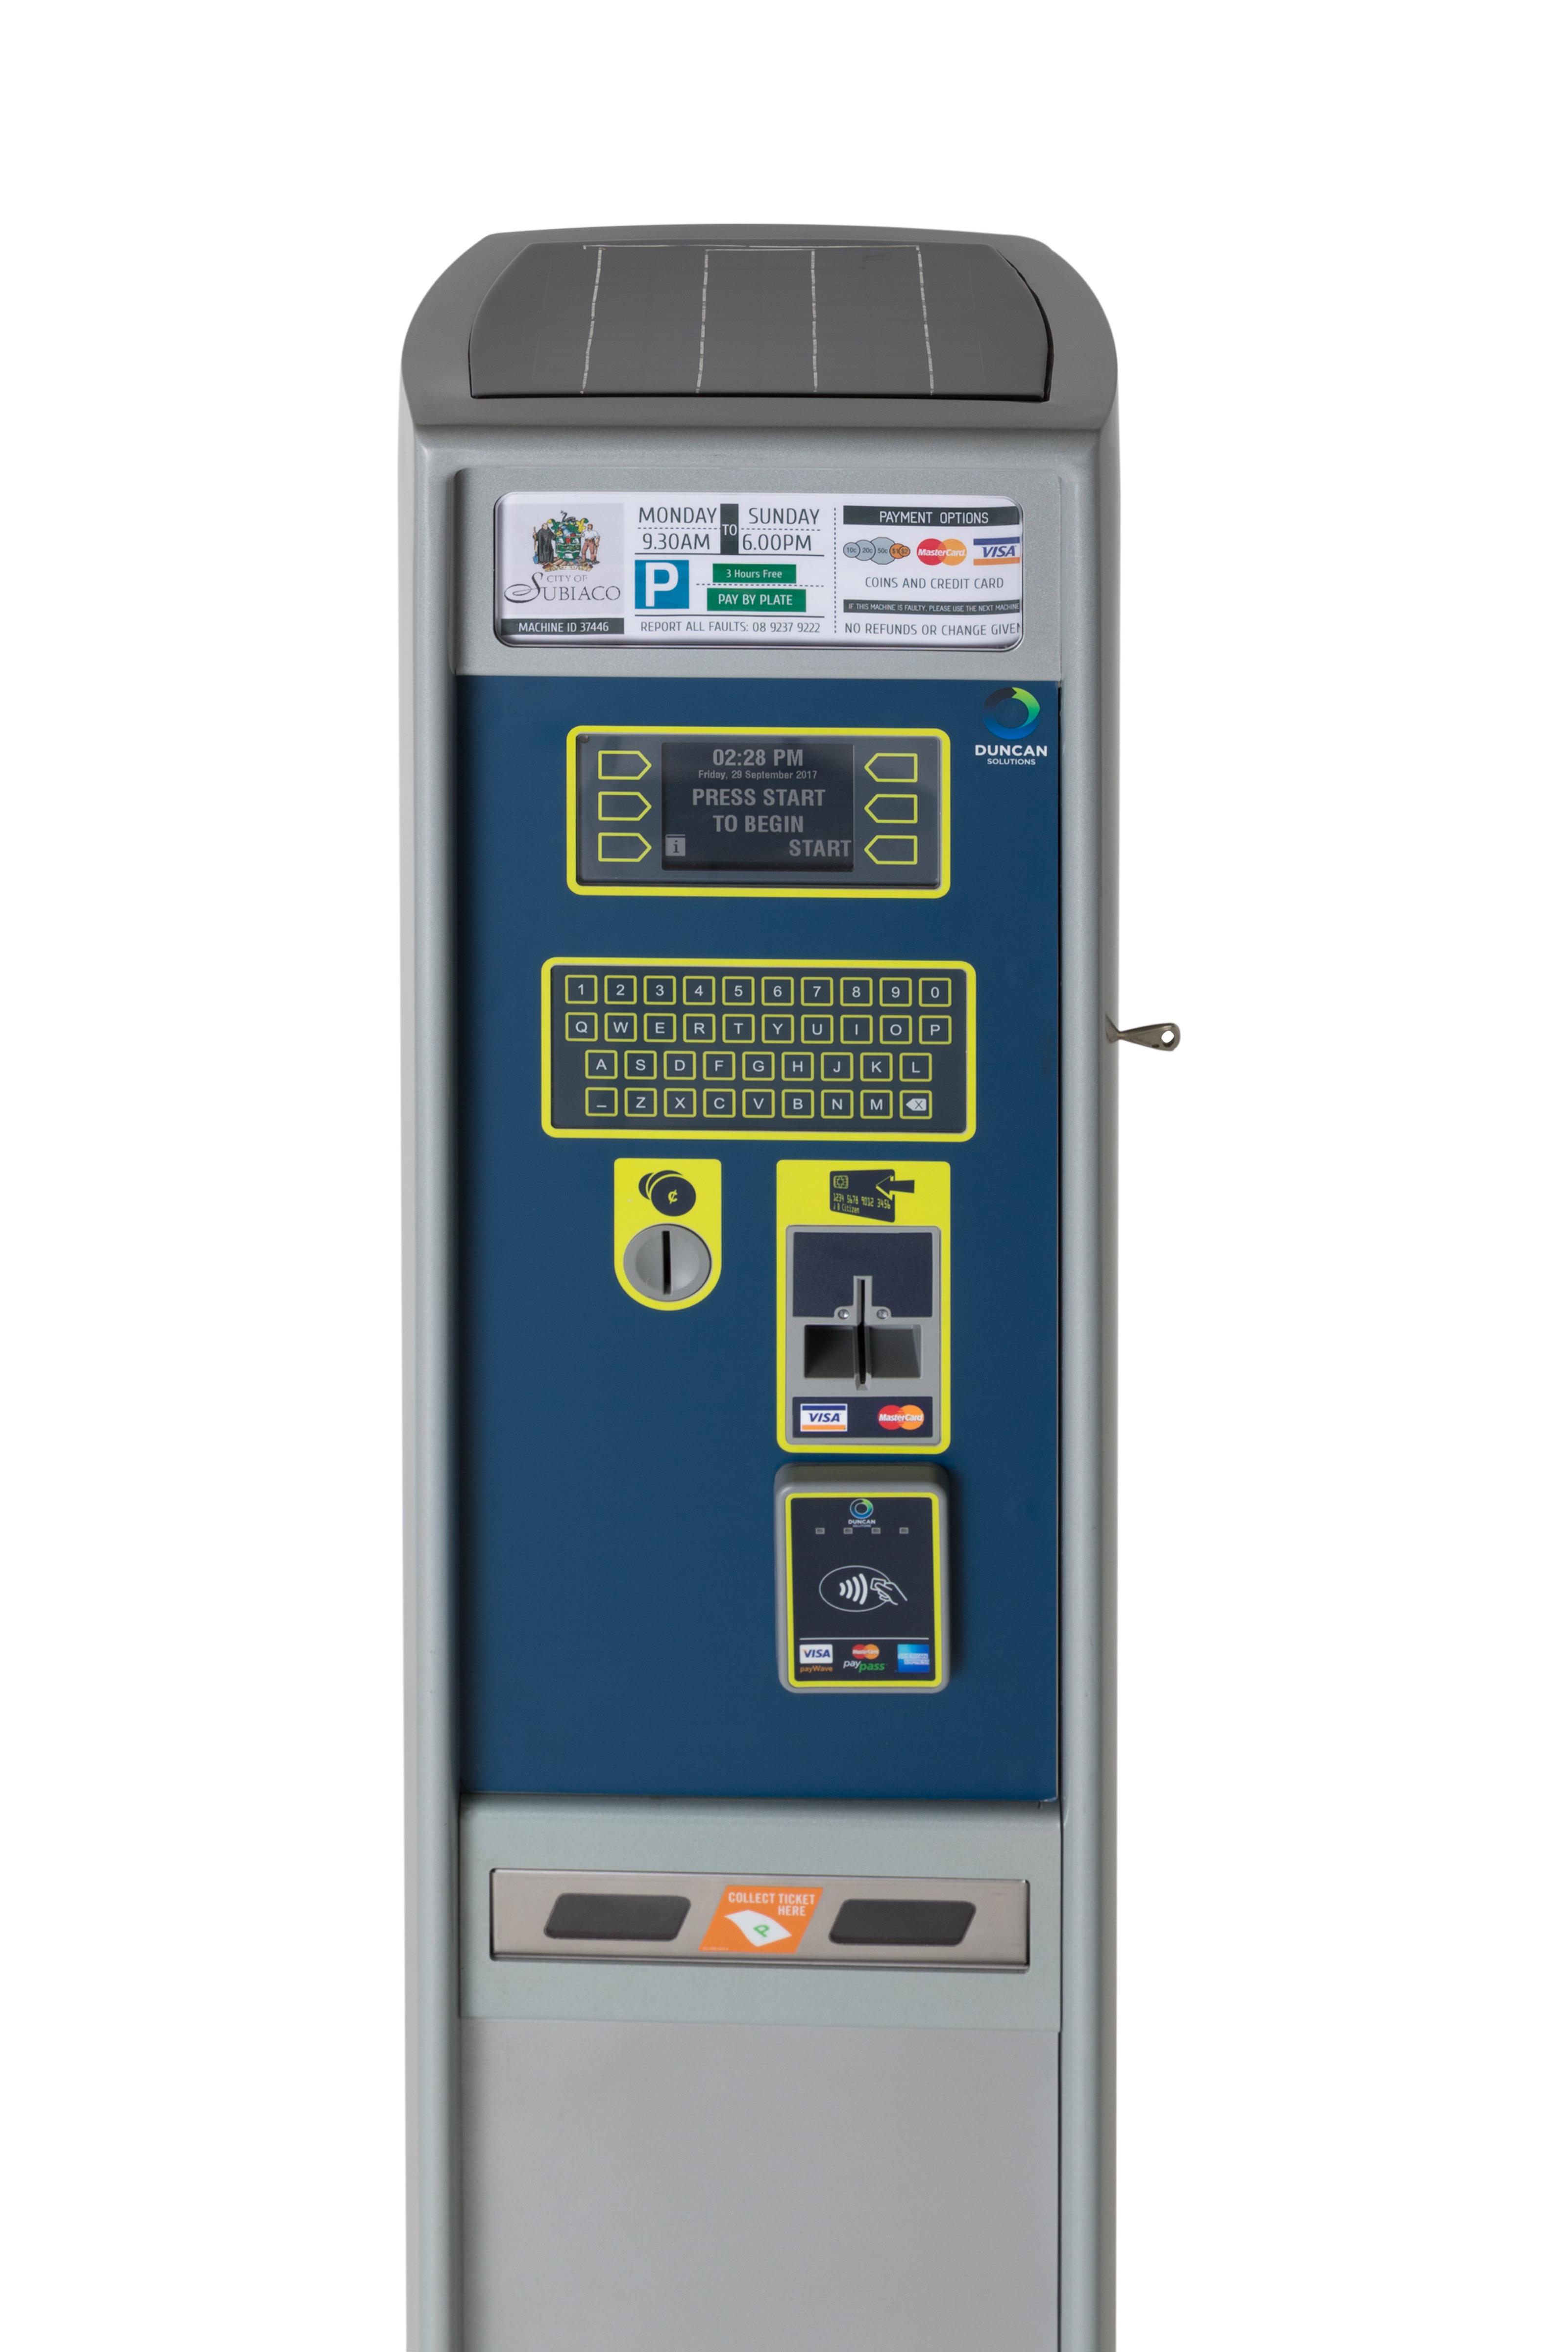 TX Multi-Space parking meter